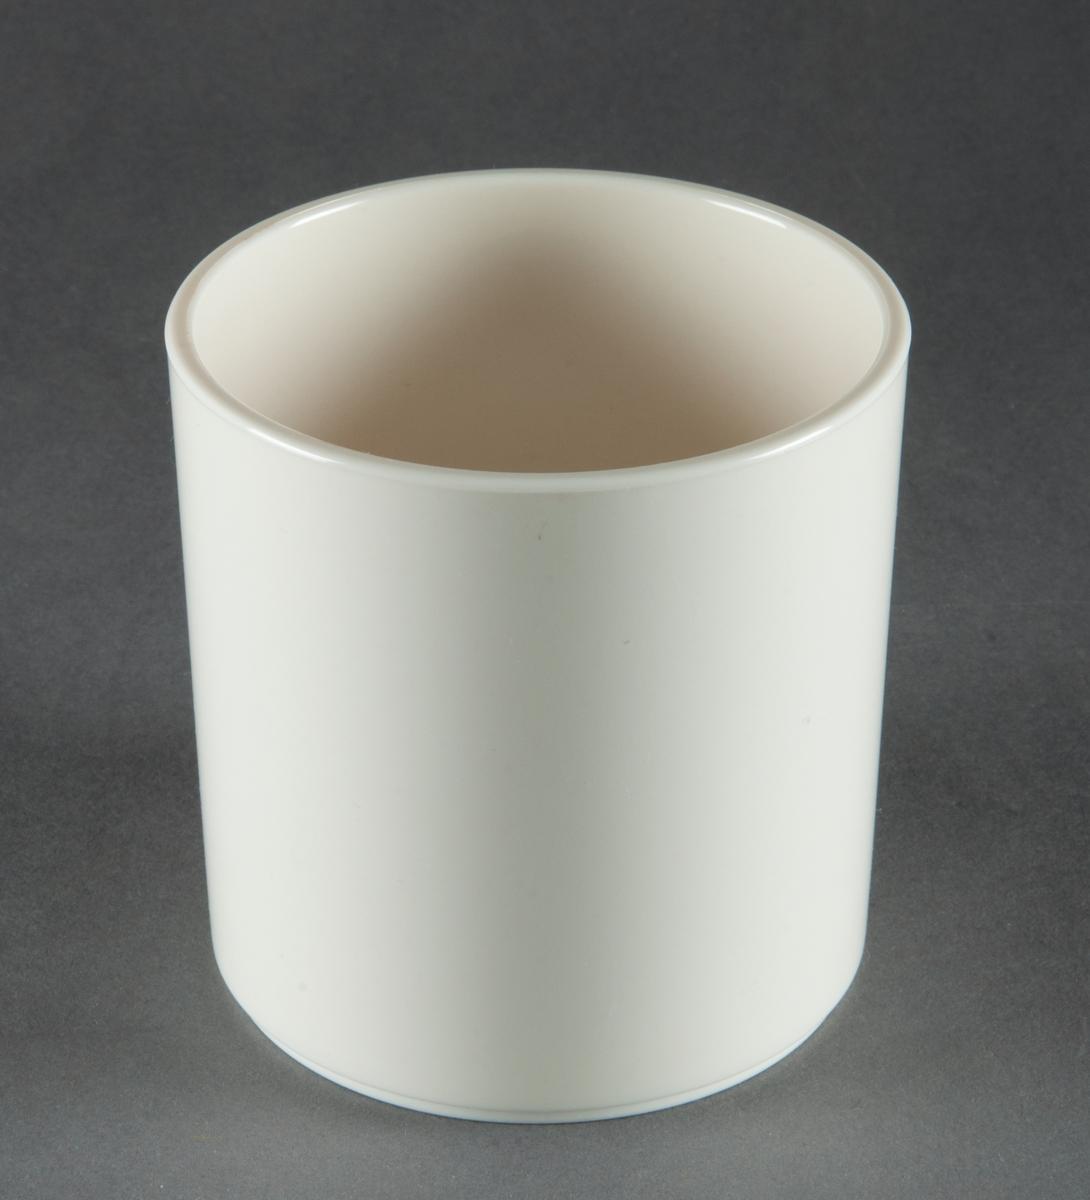 """Tumbler, gjuten i vit plast. Modell """"Plastic Medley"""". Cylindrisk med fotring. Design Gunnar Cyrén. Tillverkad för Dansk Designs Ltd, USA."""